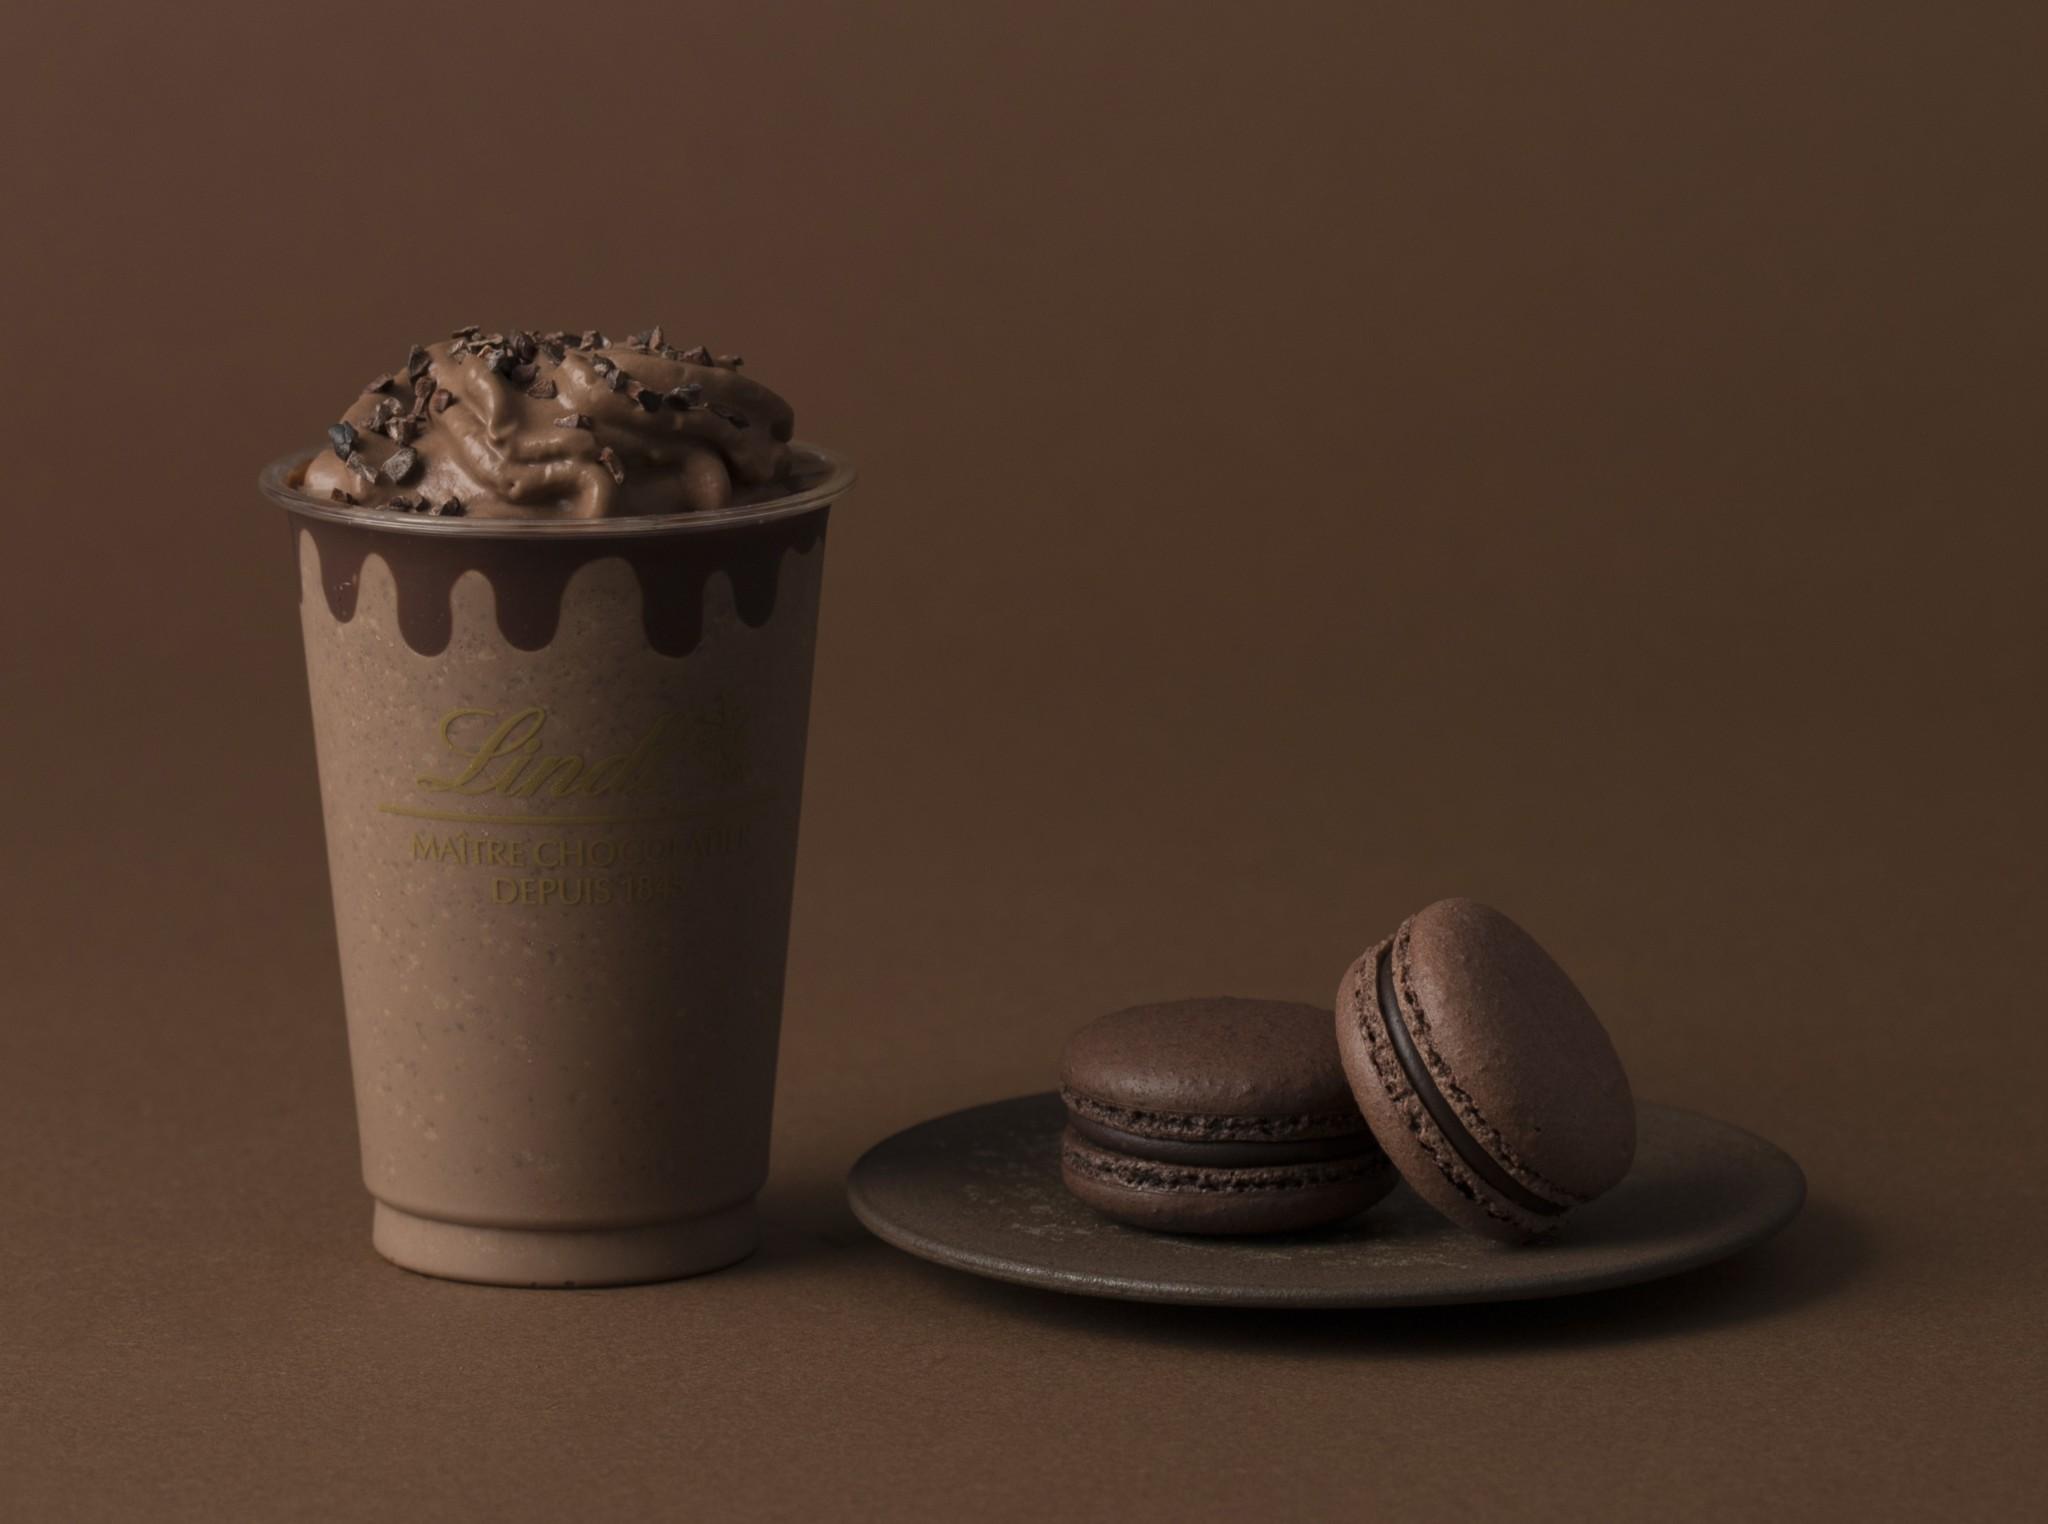 絶対飲みたい!リンツの本格チョコドリンク期間限定発売♡